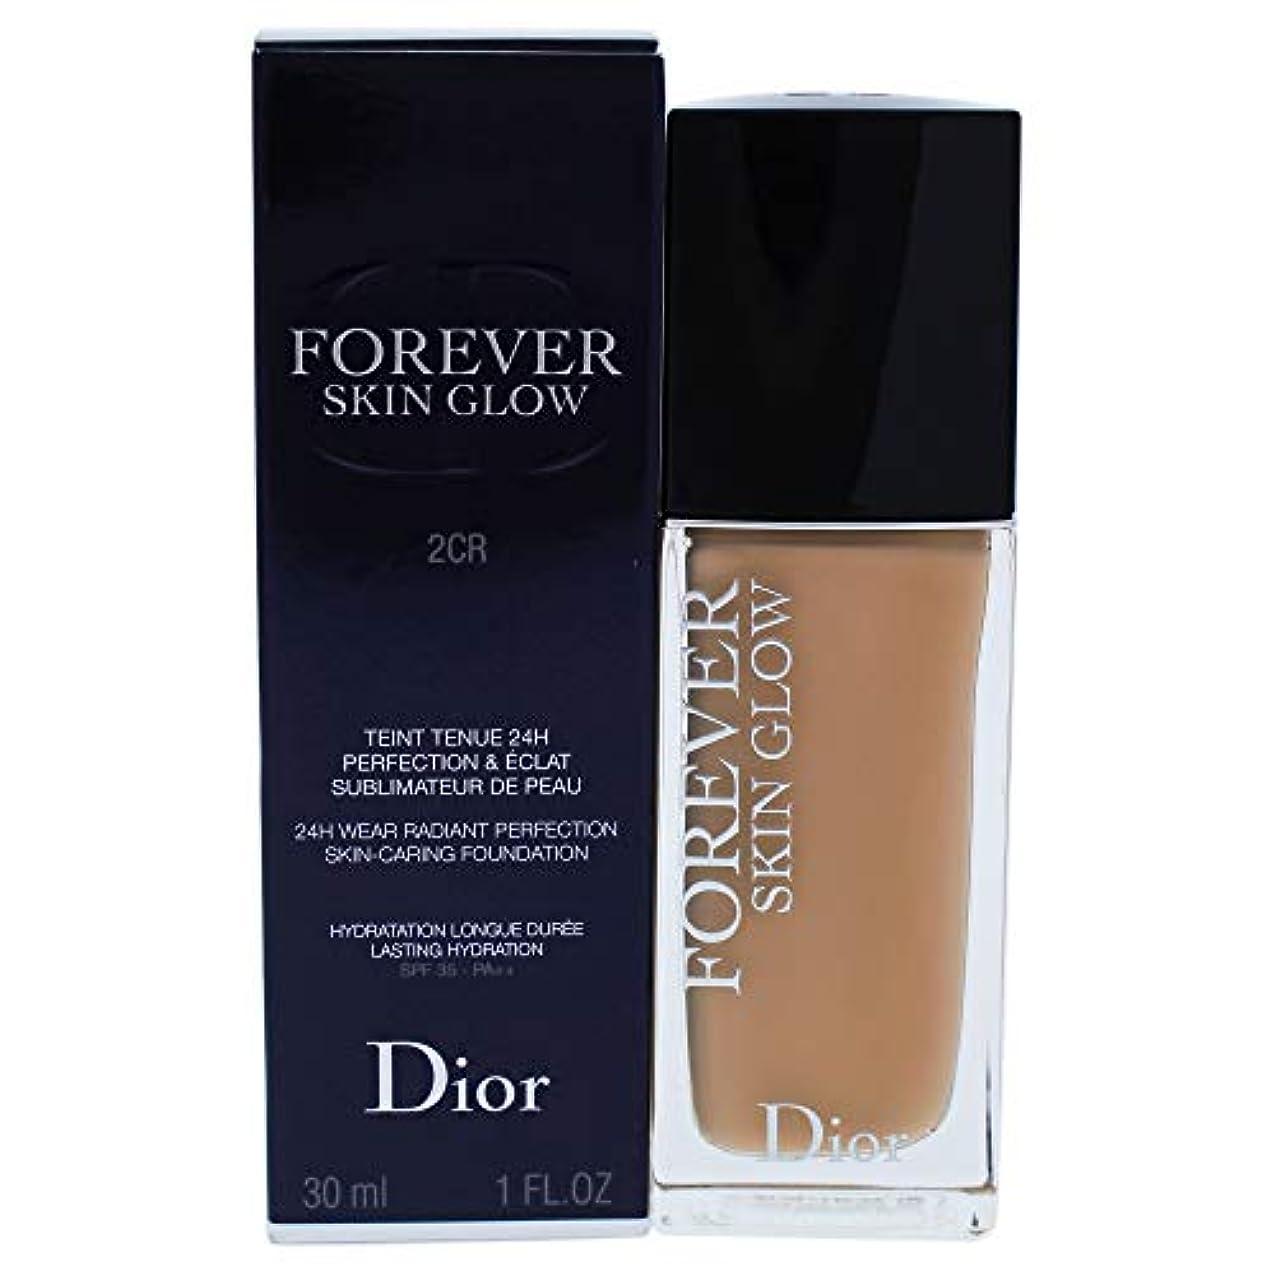 ケージ忠実本気クリスチャンディオール Dior Forever Skin Glow 24H Wear High Perfection Foundation SPF 35 - # 2CR (Cool Rosy) 30ml/1oz並行輸入品